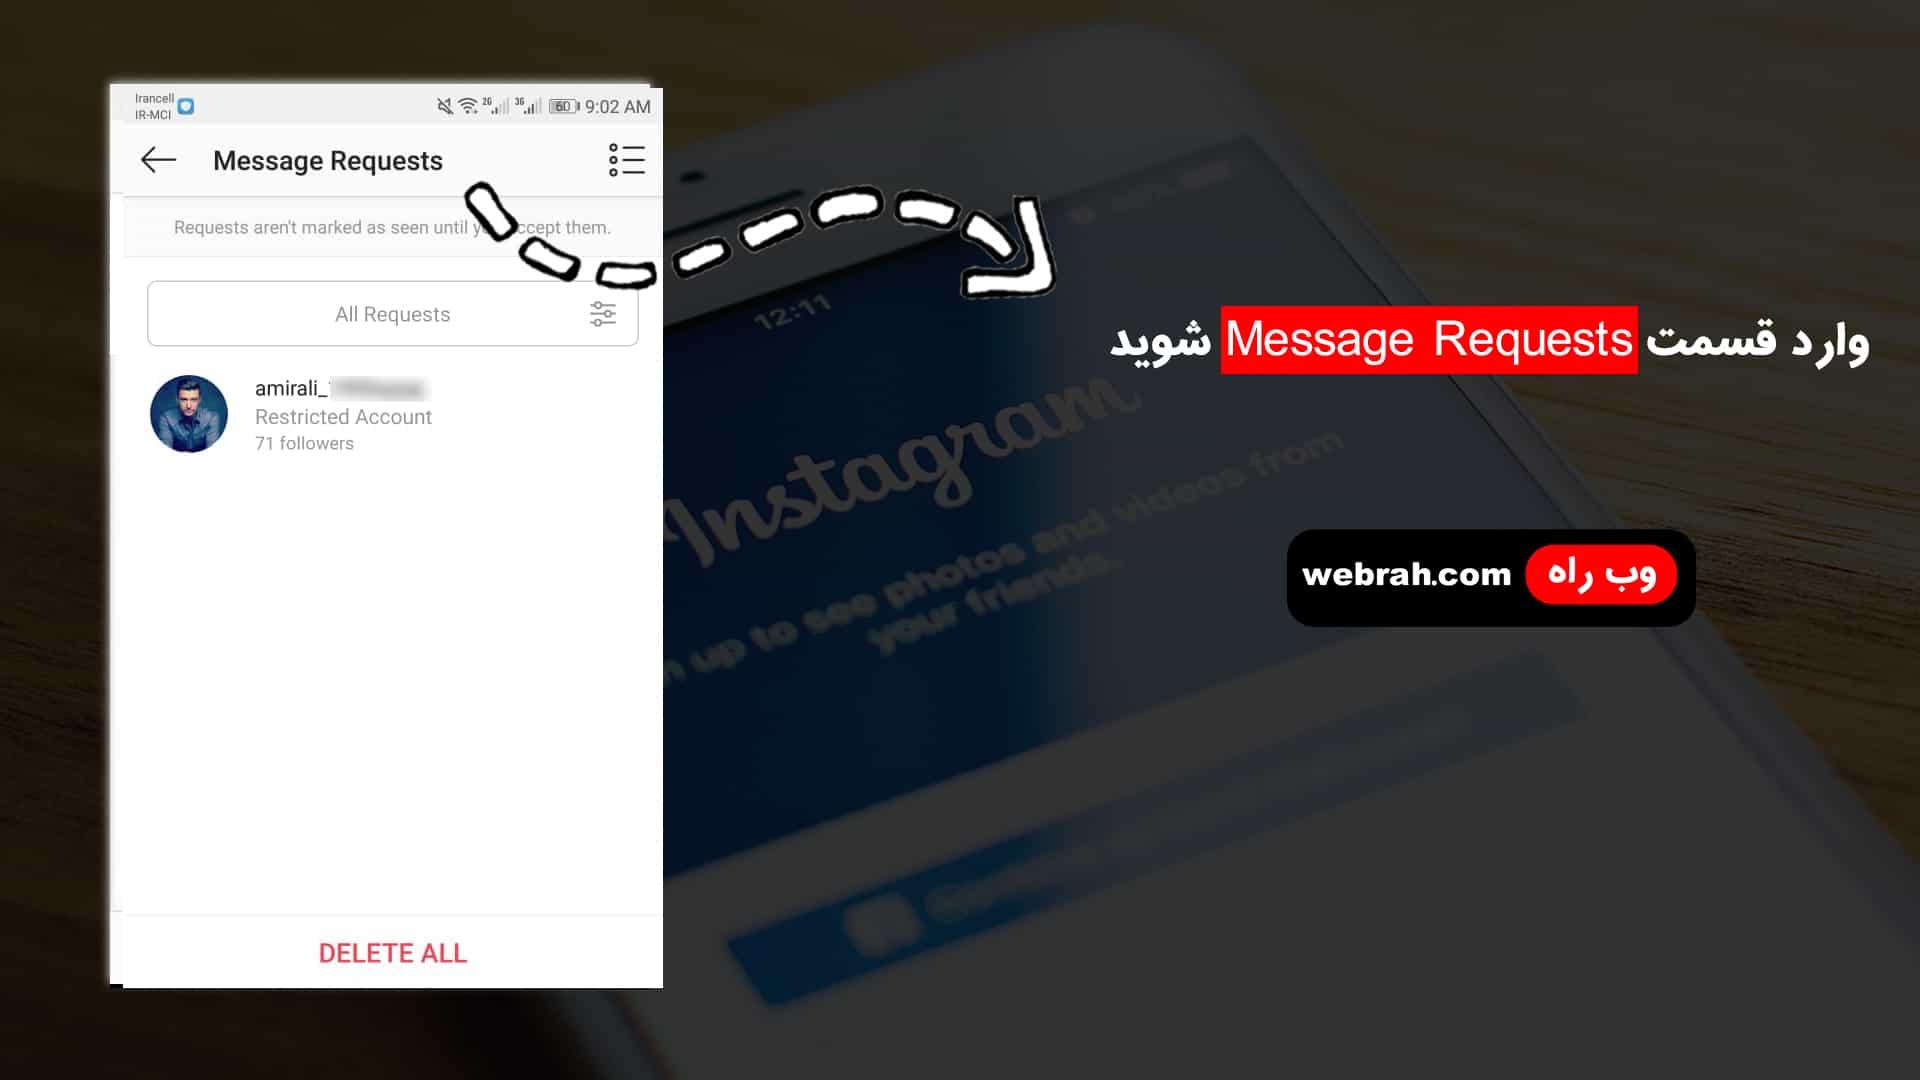 استفاده-از-قابلیت-restrict-برای-خواندن-پیام-در-دایرکت-بدون-سین-خوردن-در-اینستاگرام-8